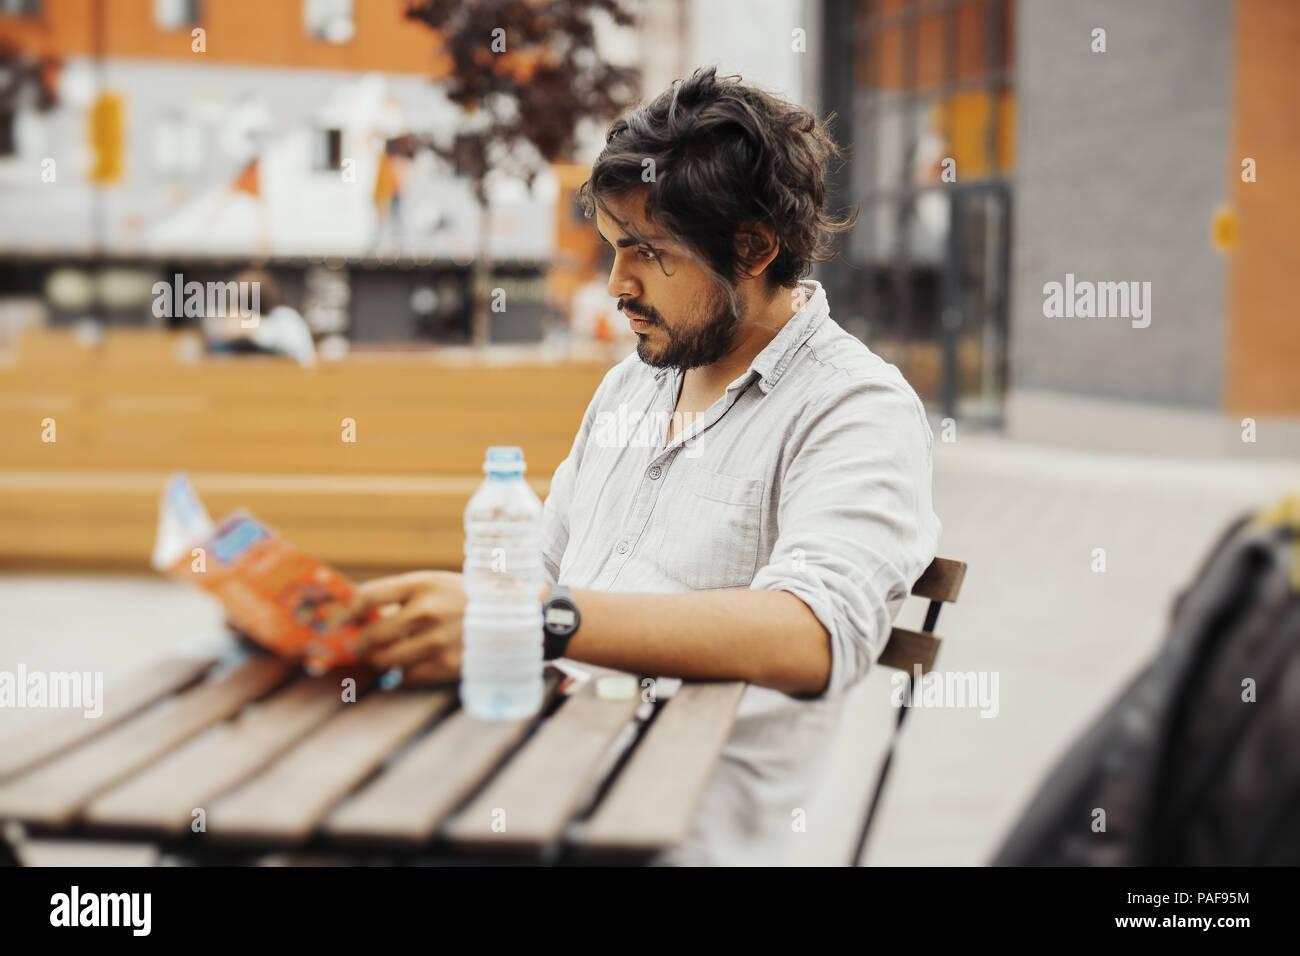 Attraktive nachdenklicher Mann an Street Café saßen und auf die Karte. Seitenansicht Stockbild